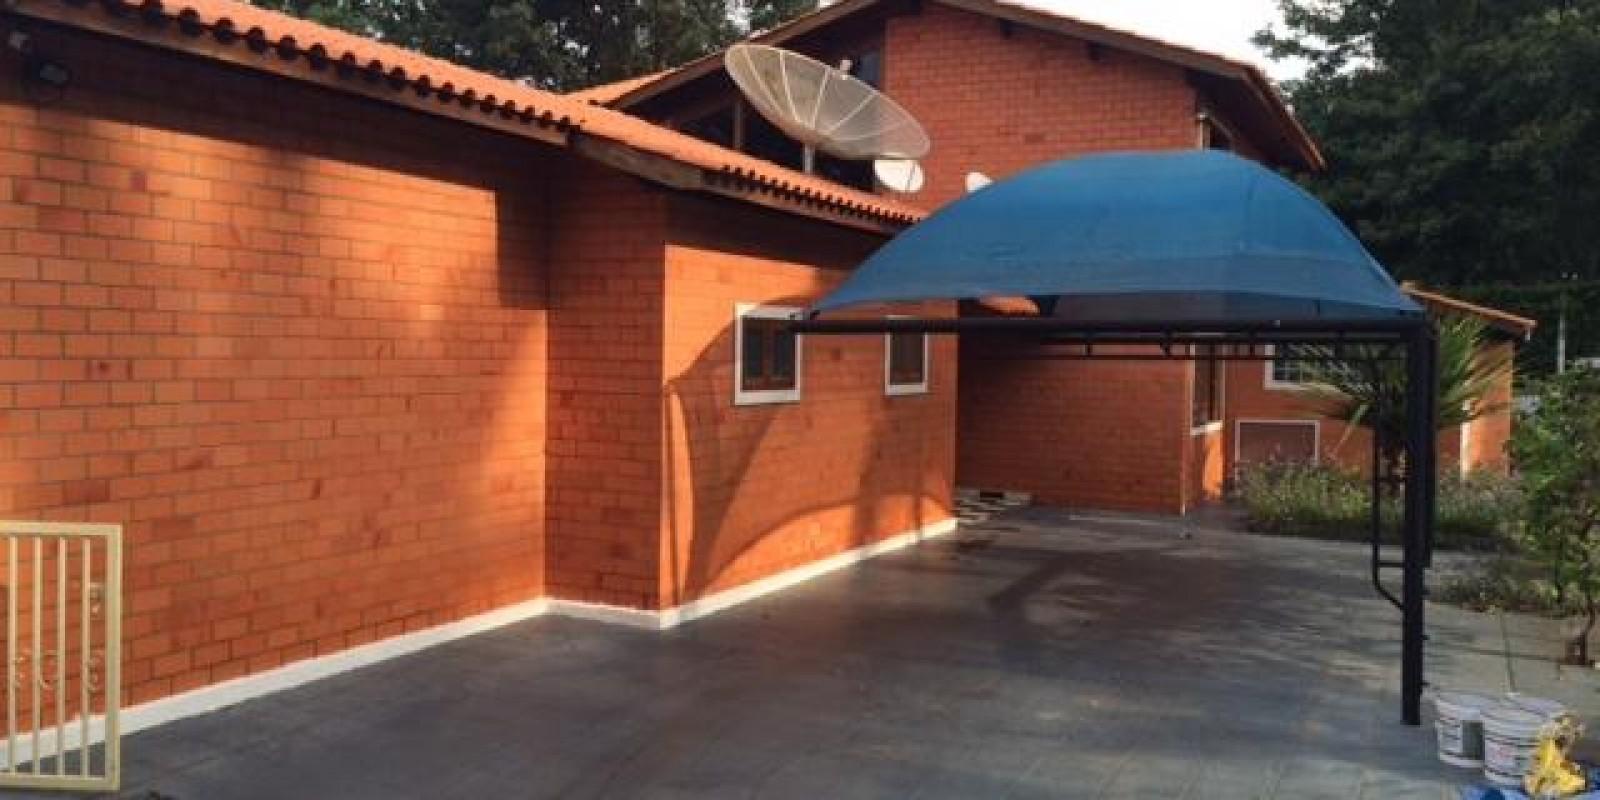 Casa na Represa em Avaré SP - Foto 19 de 20